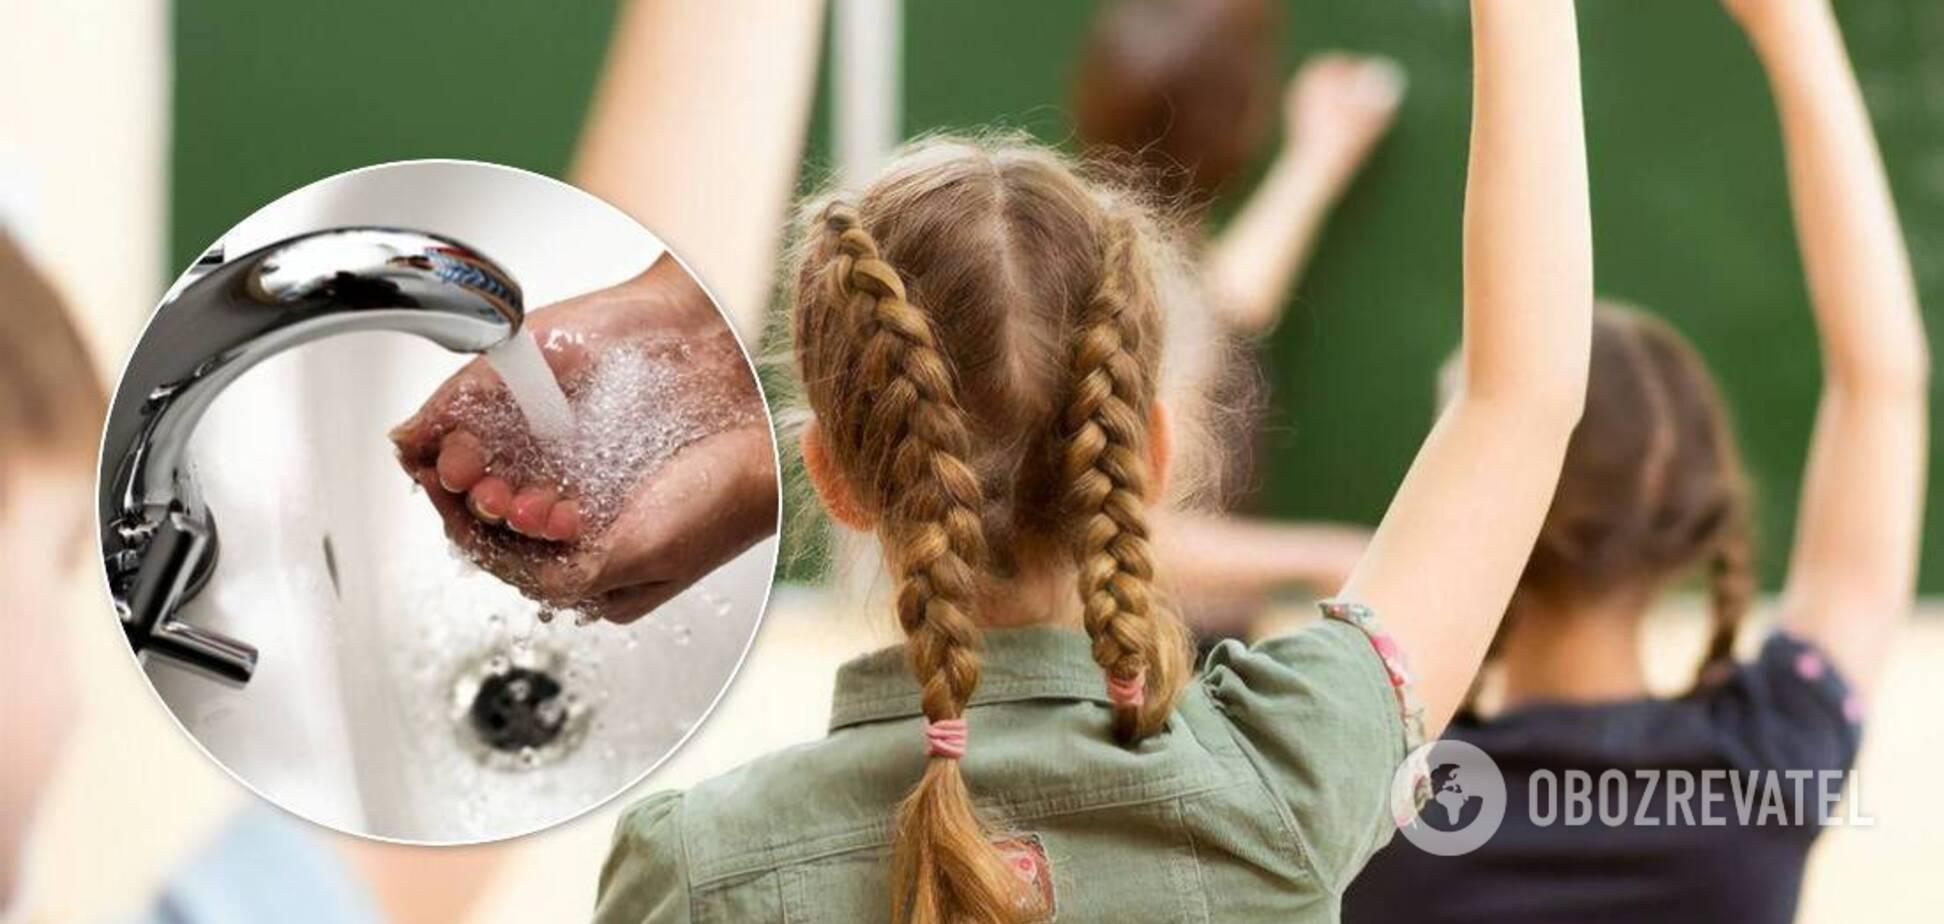 Чим дихають українські діти в навчальних закладах?